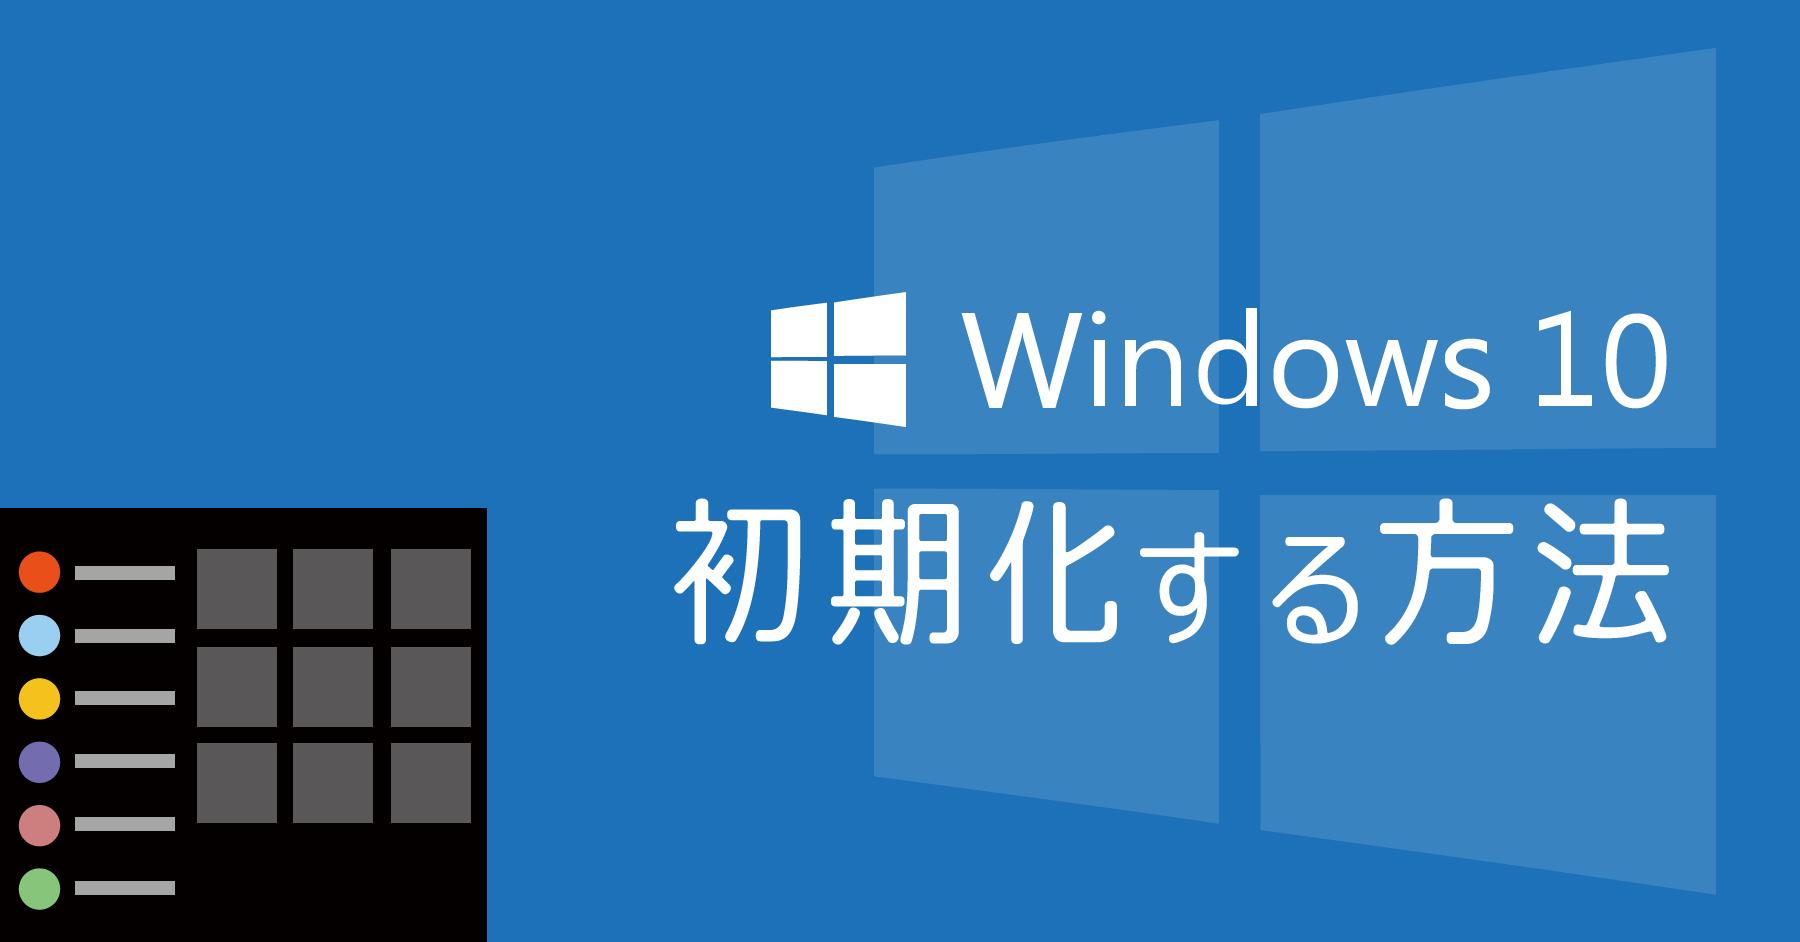 Windows 10 を標準機能で初期化する方法